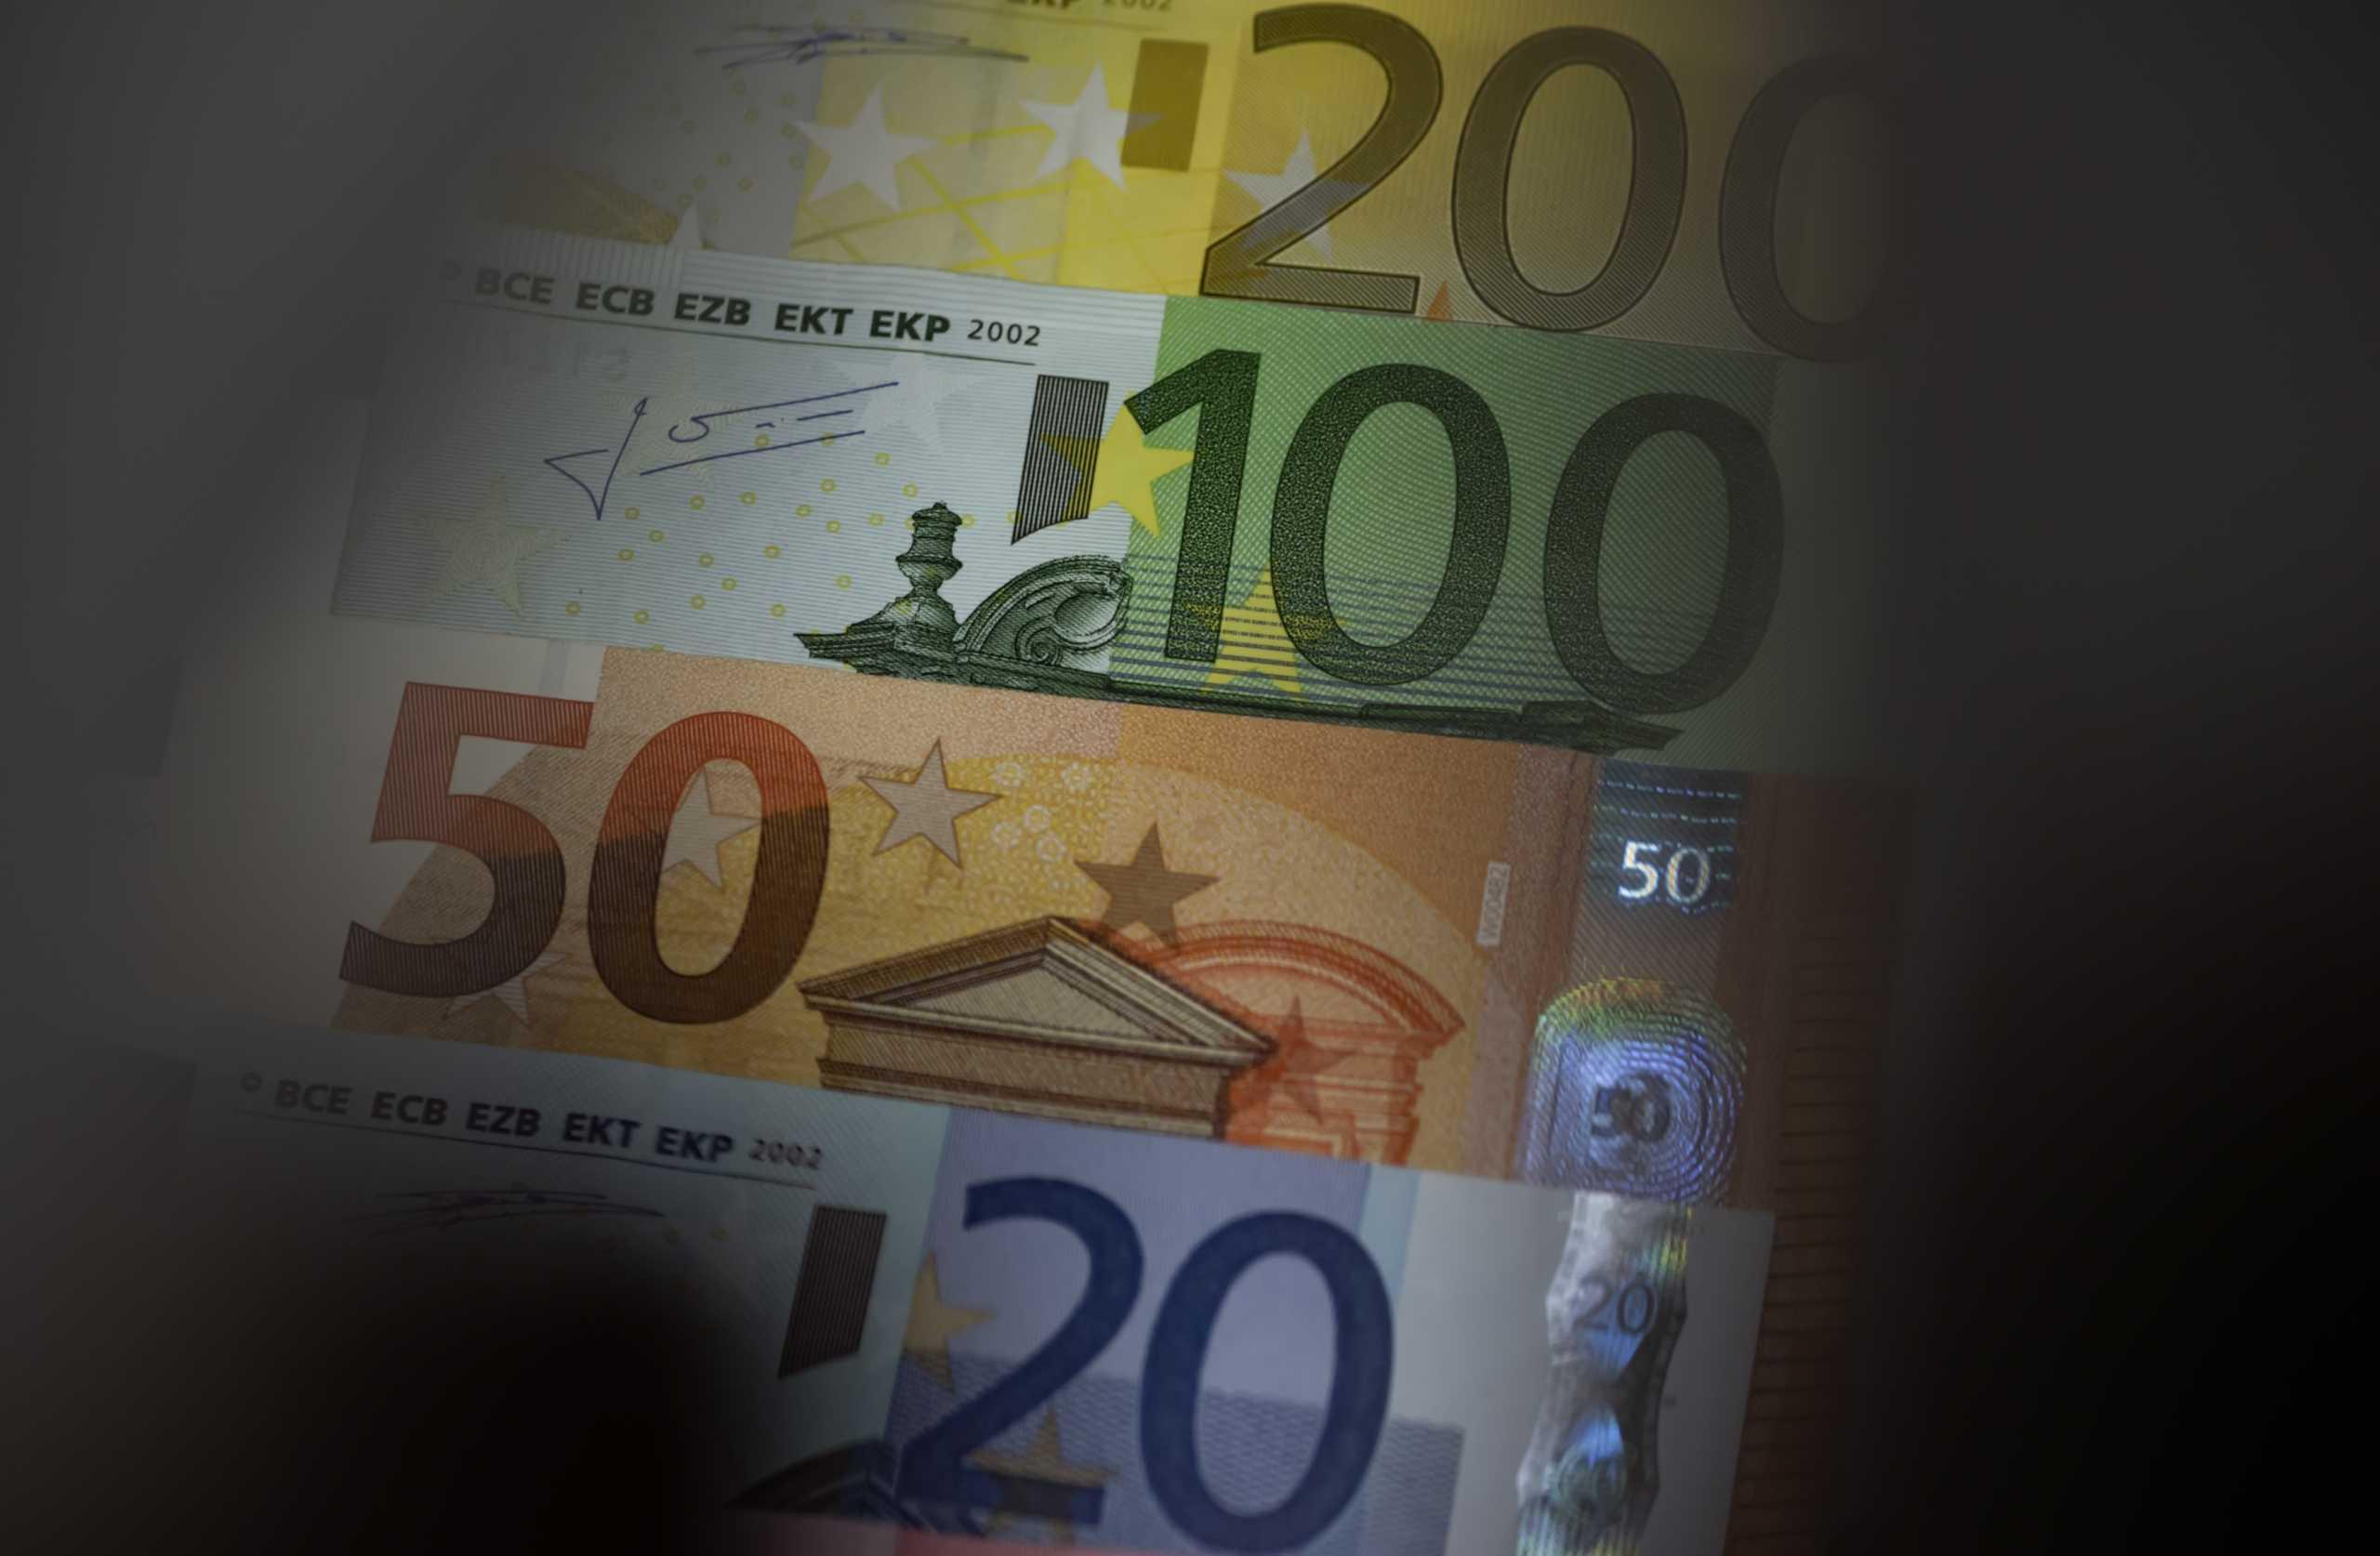 Σκυλακάκης: Κονδύλια 7,9 δισεκατομμυρίων ευρώ για την Ελλάδα από το Σχέδιο Ανάκαμψης